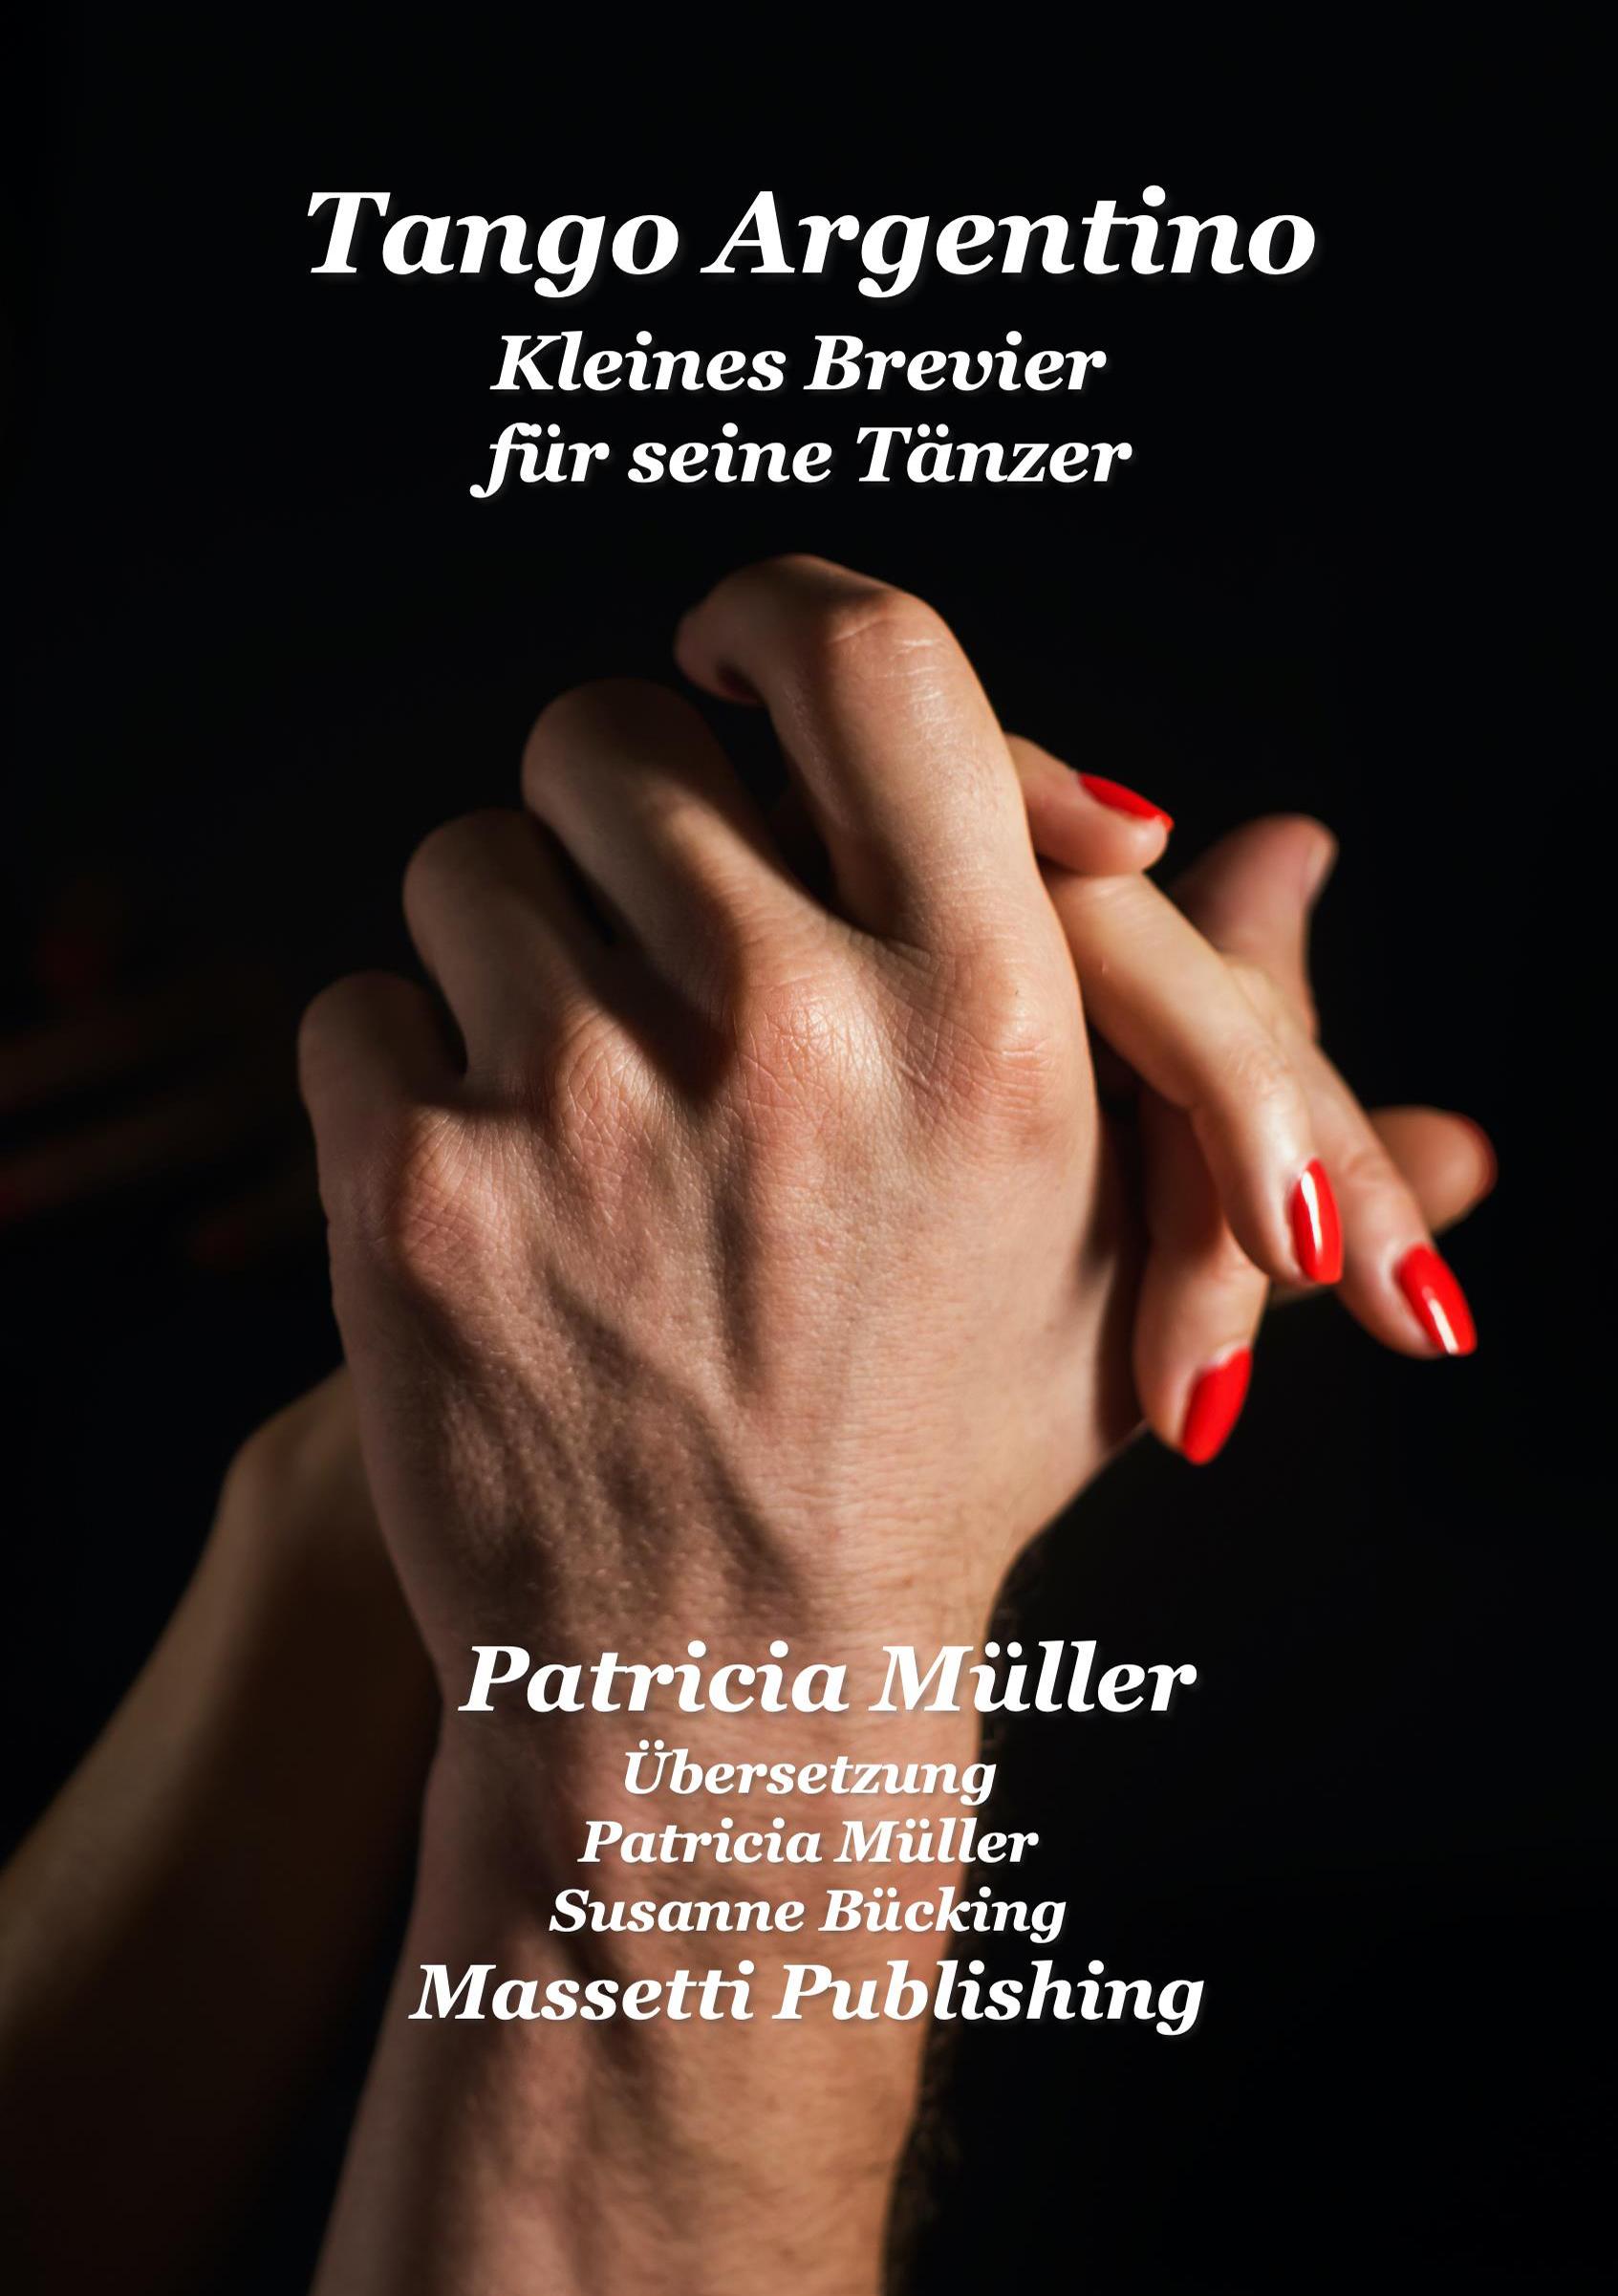 Tango Argentino kleines-brevier-fur-seine-tanzer